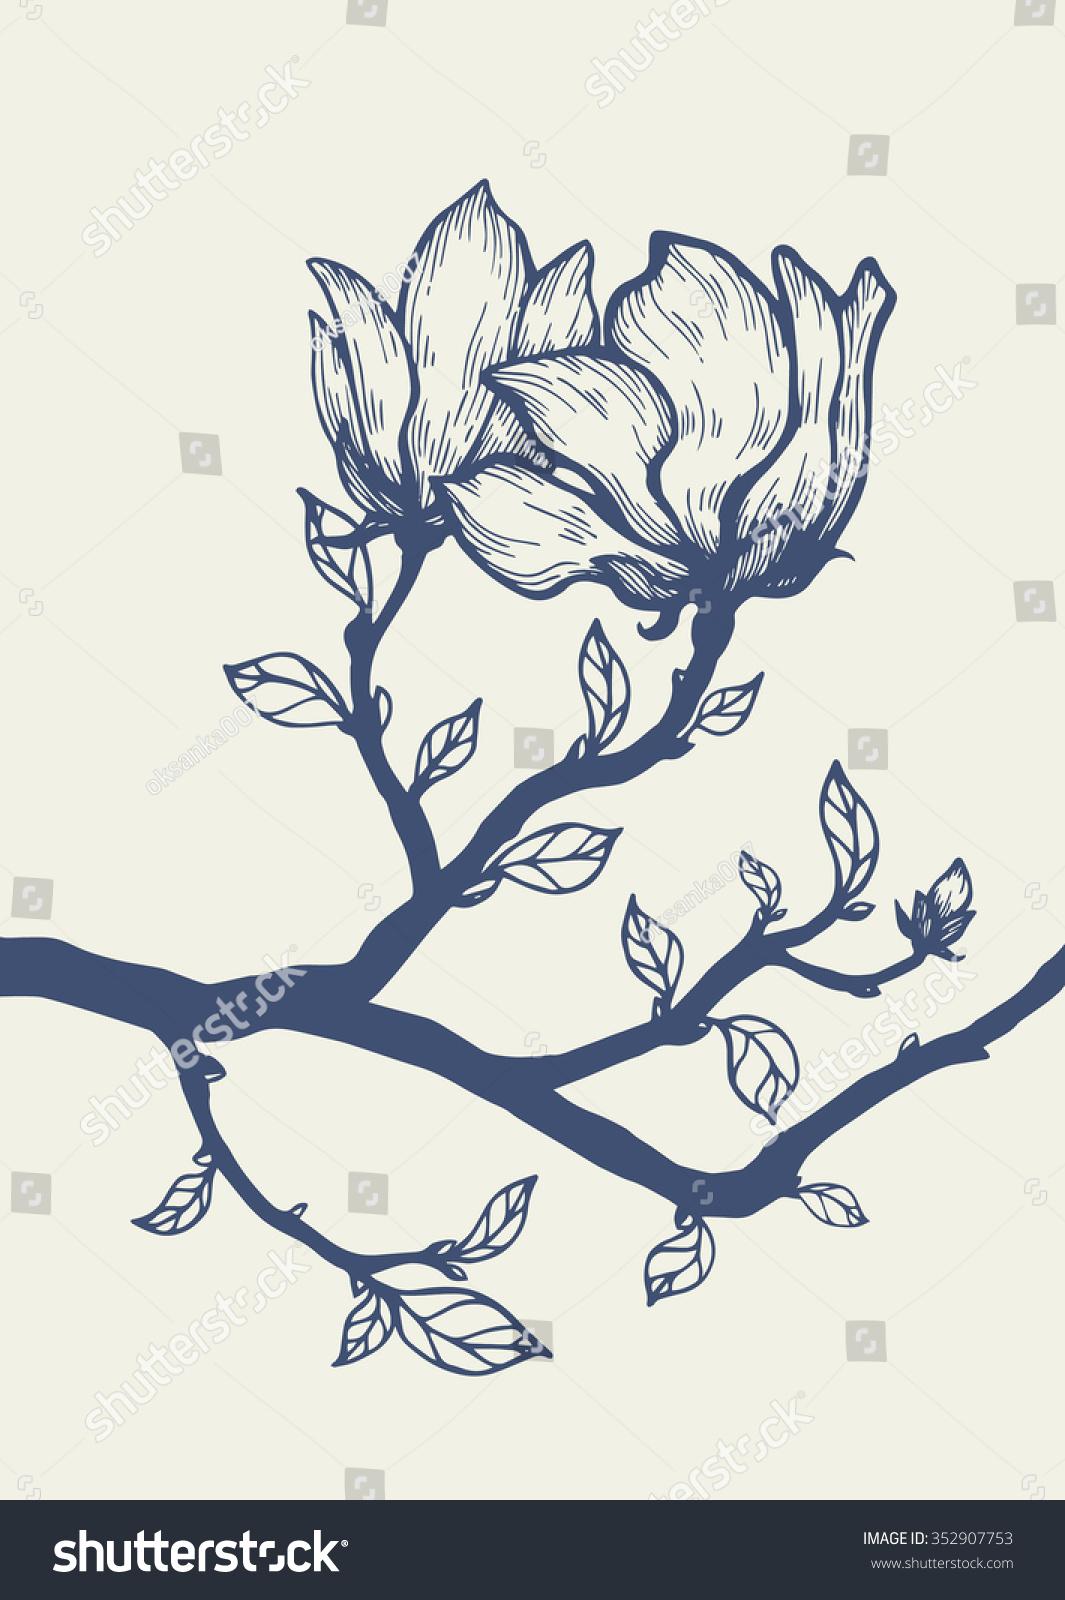 木兰开花树枝.花卉雕刻.向量的花.手绘艺术作品.爱,,.